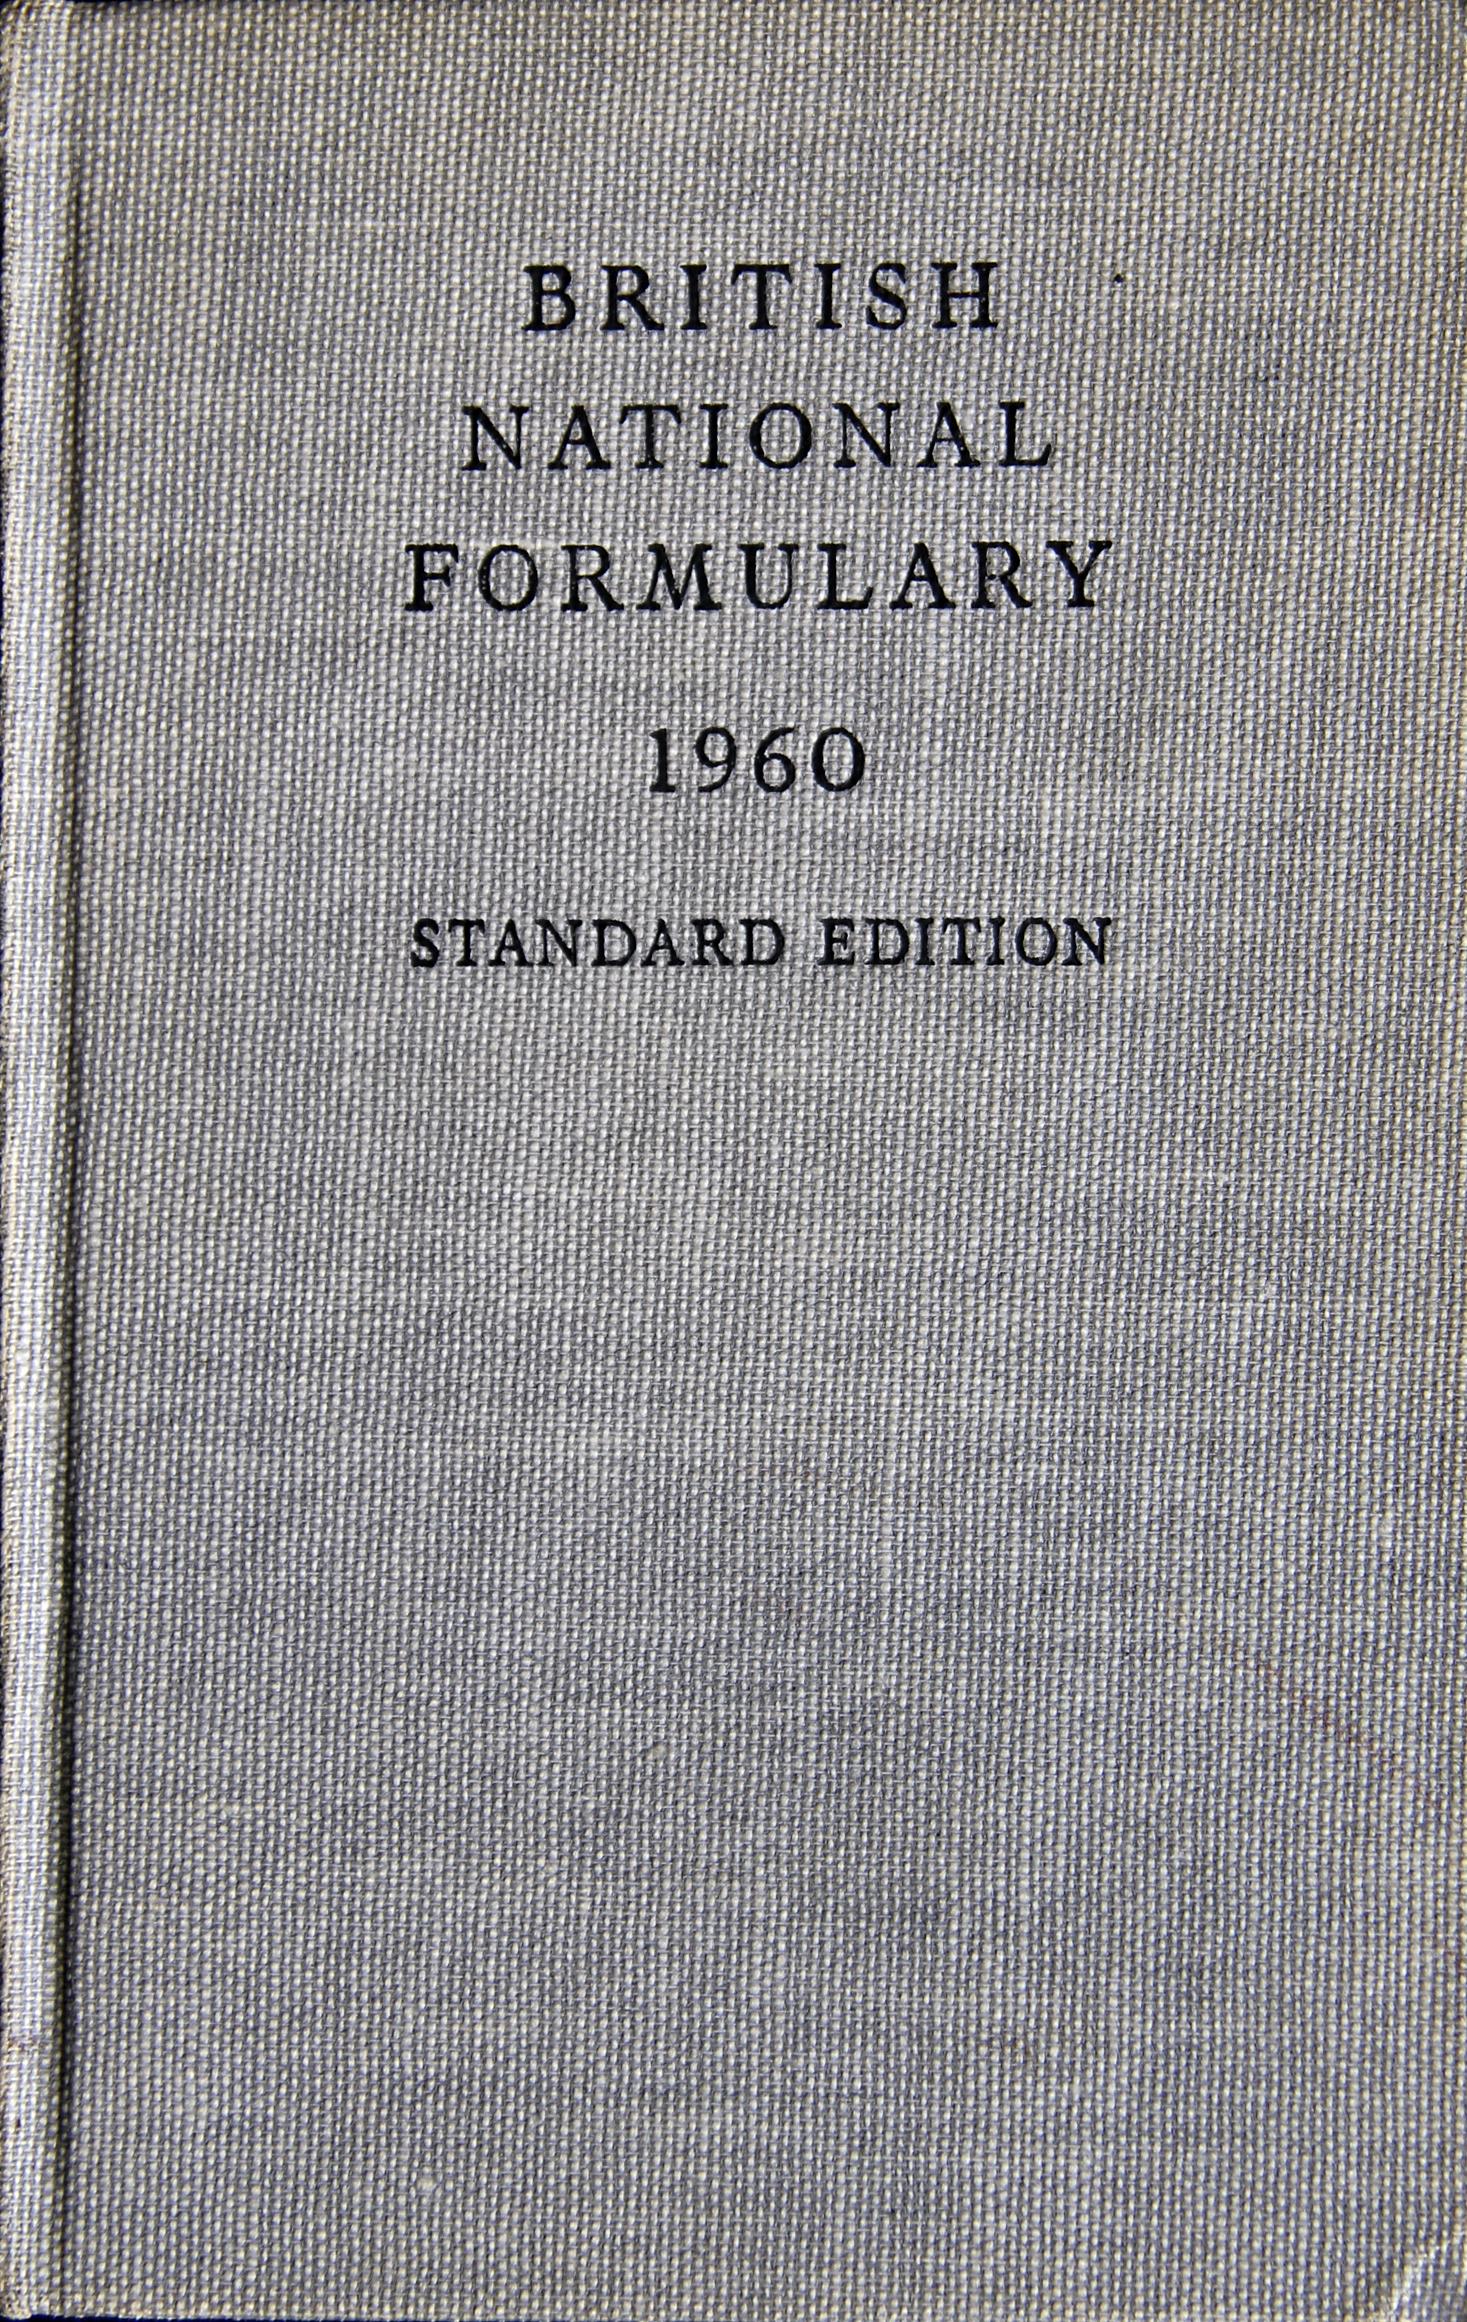 British National Formulary Books